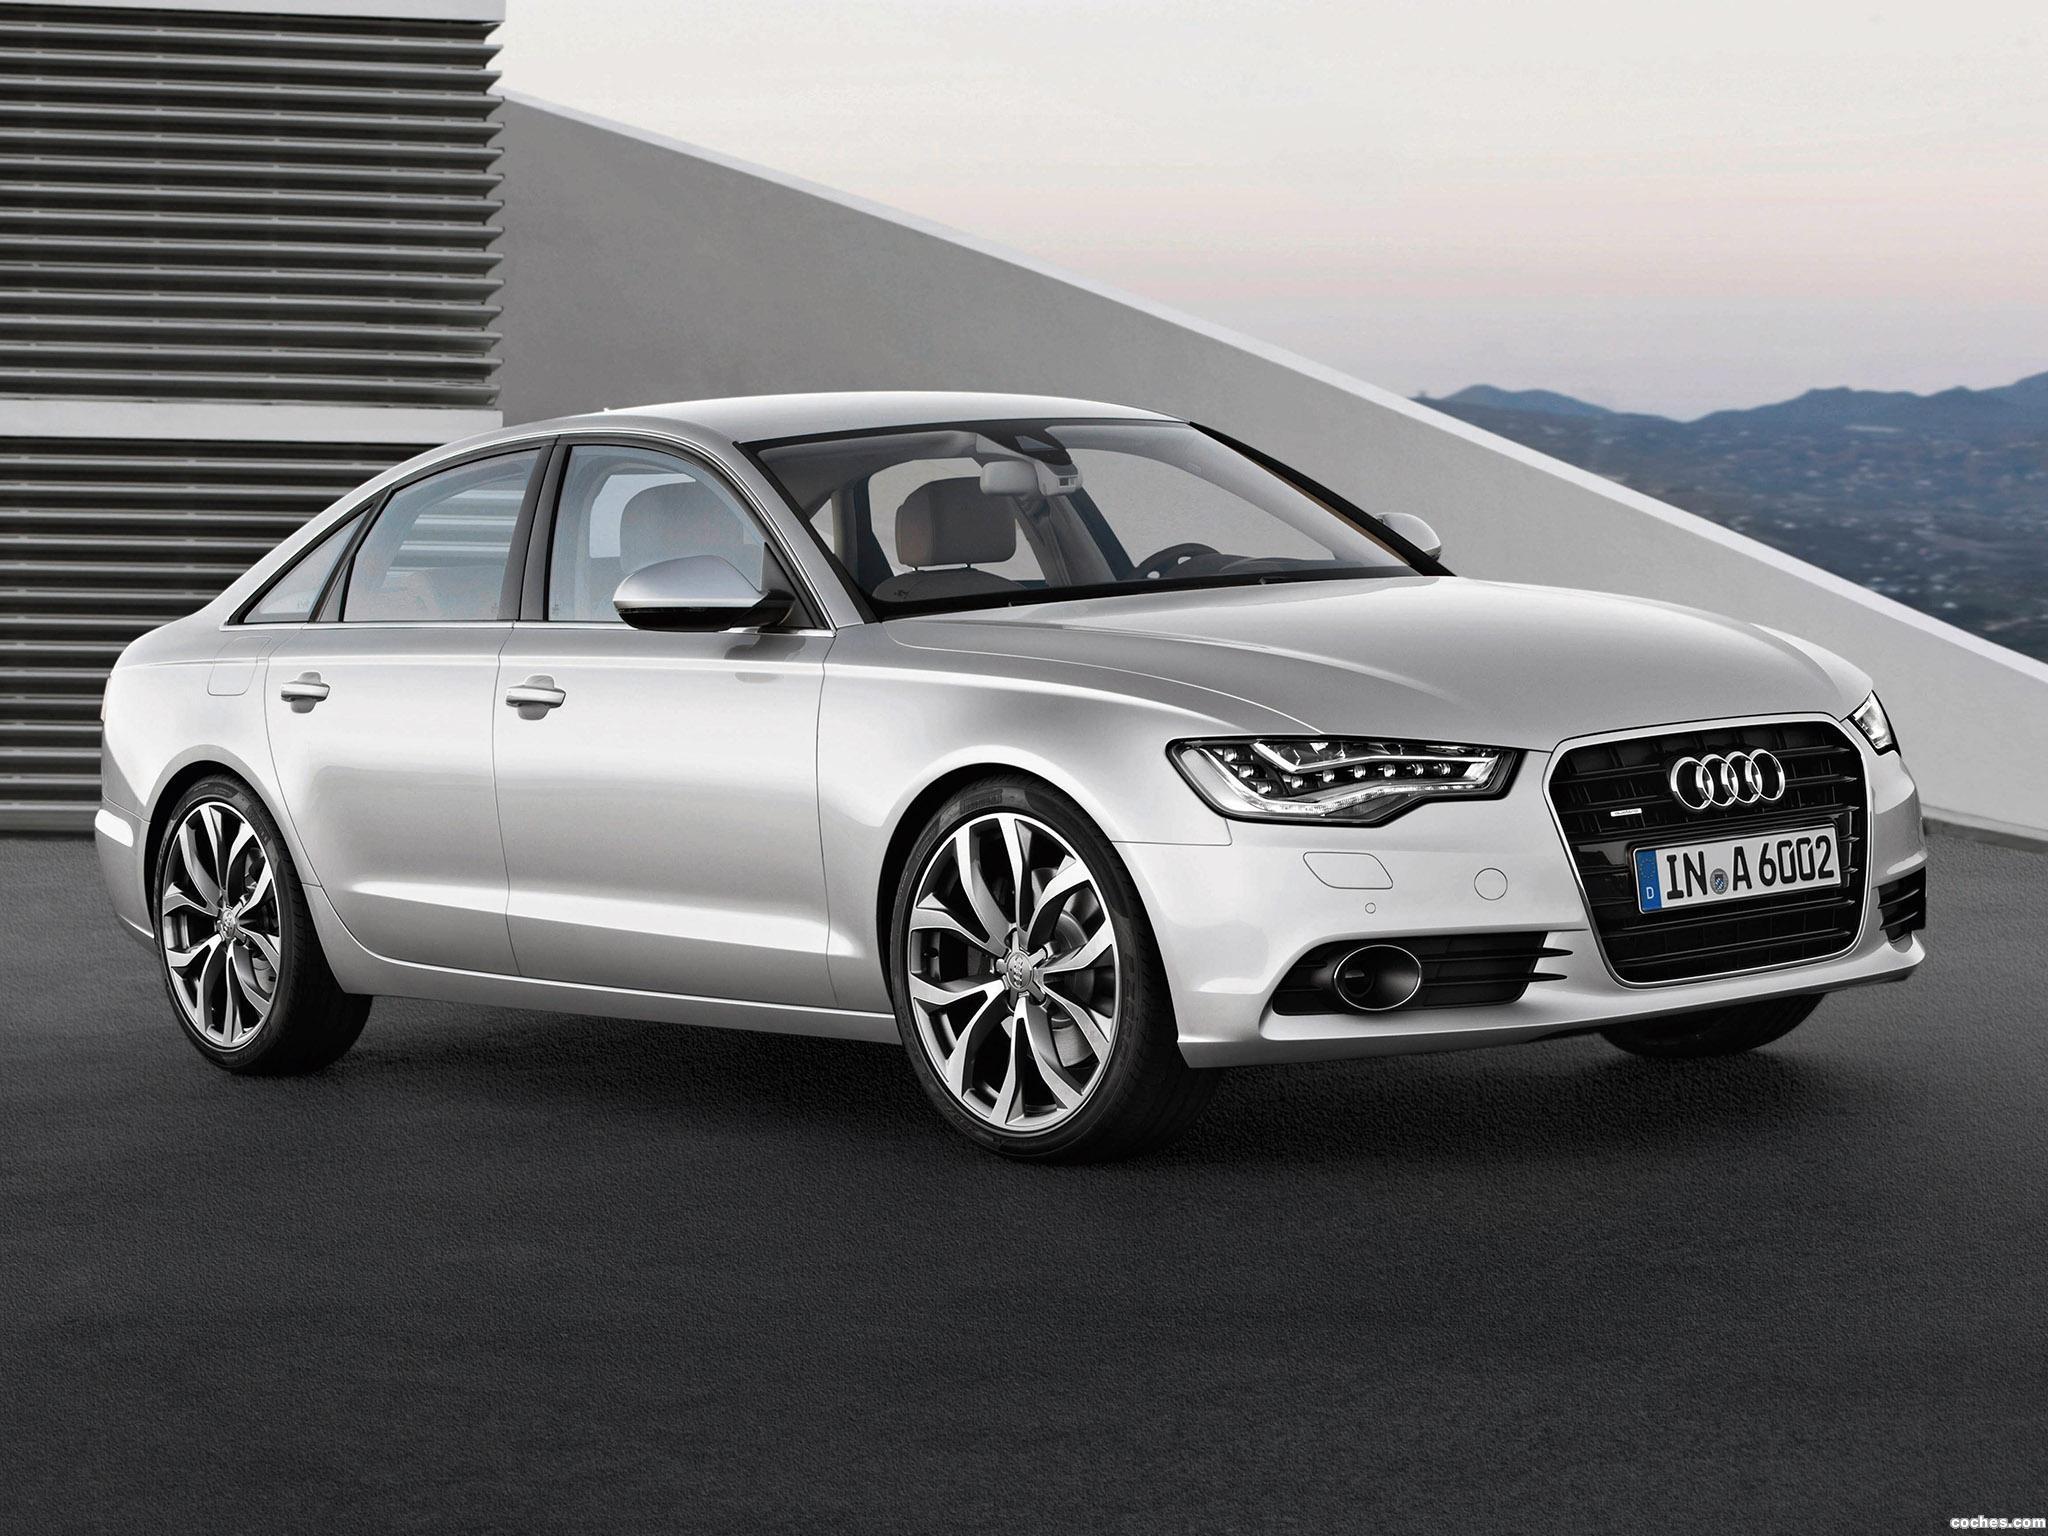 Foto 0 de Audi A6 2011